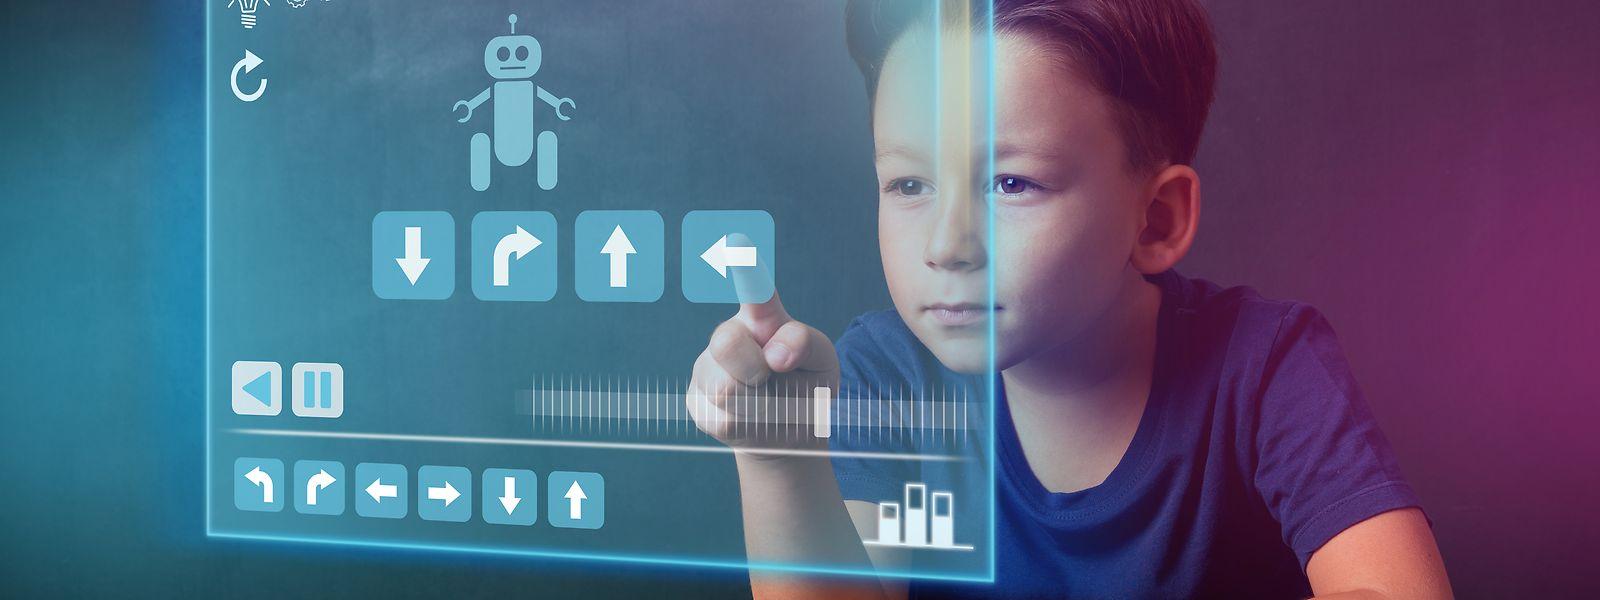 Der Bildungsminister möchte die algorithmische Kompetenz der Schüler fördern, damit sie die Maschinen beherrschen und nicht umgekehrt.